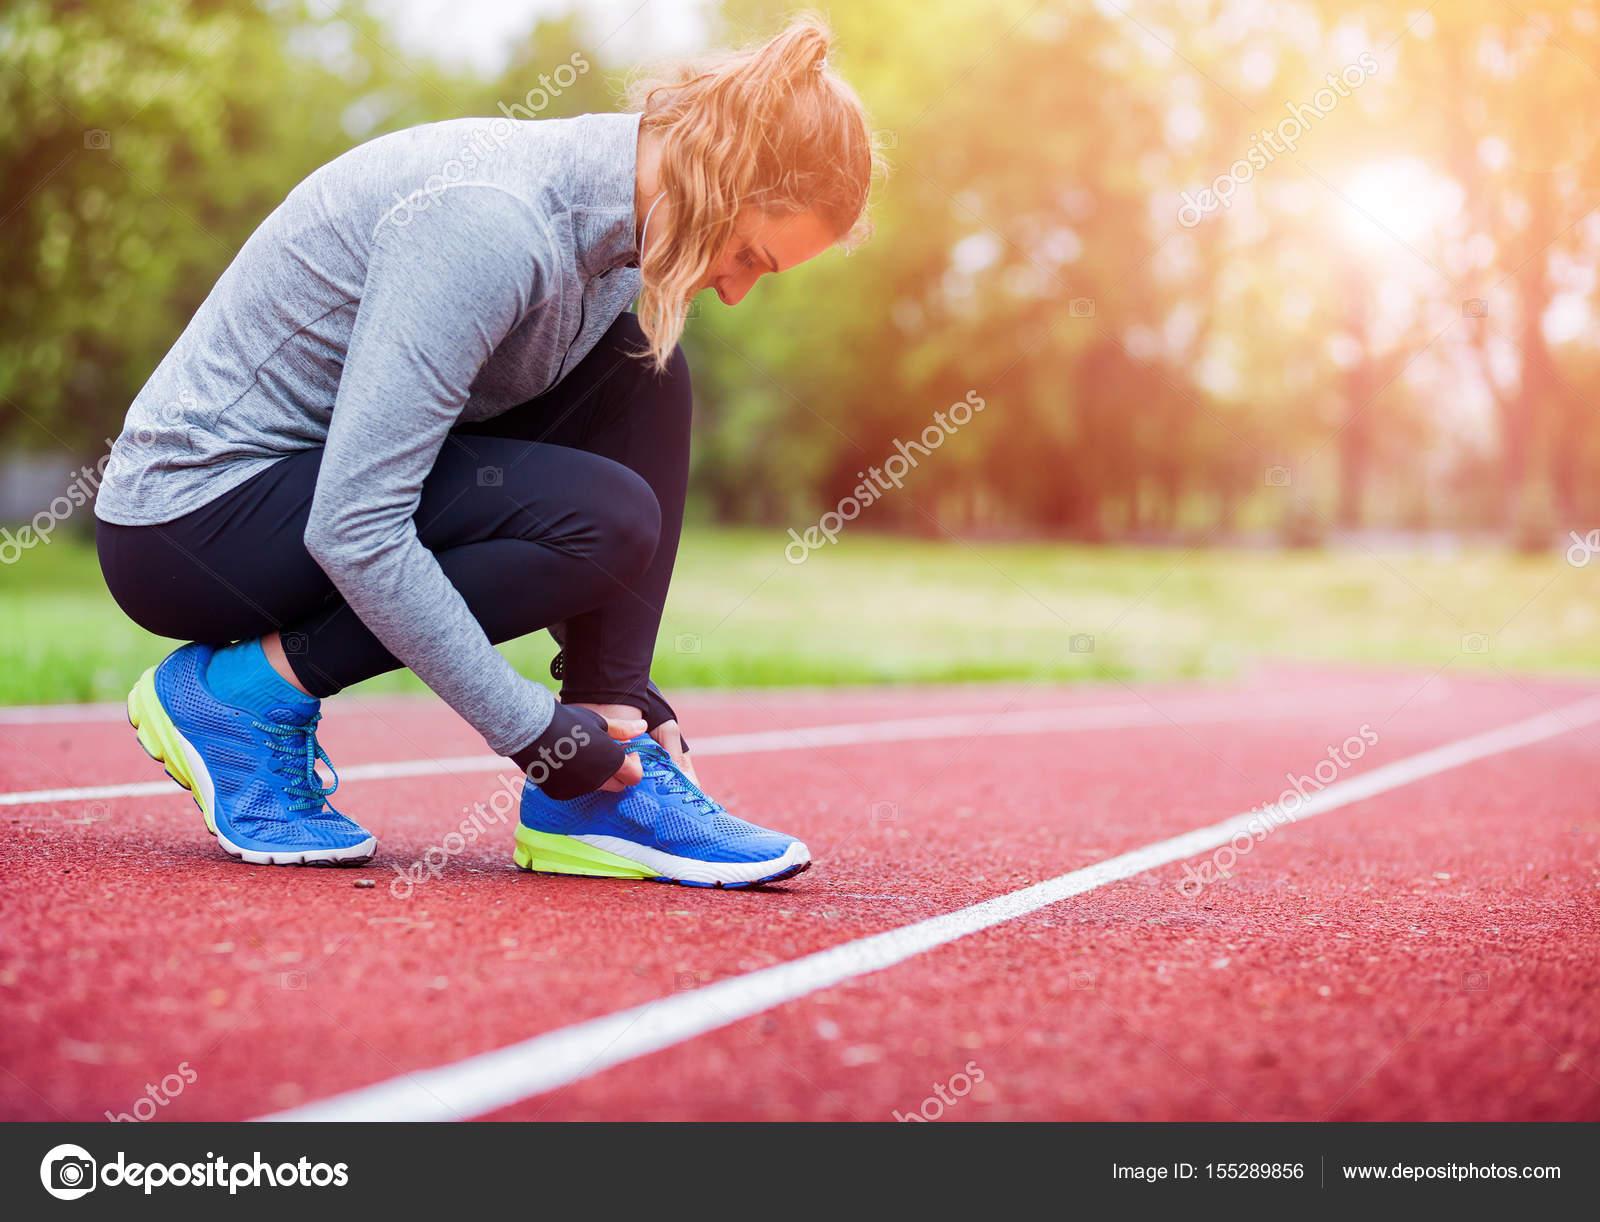 nouveau sommet bonne réputation vente officielle Femme athlétique sur piste d'athlétisme de lier les lacets ...